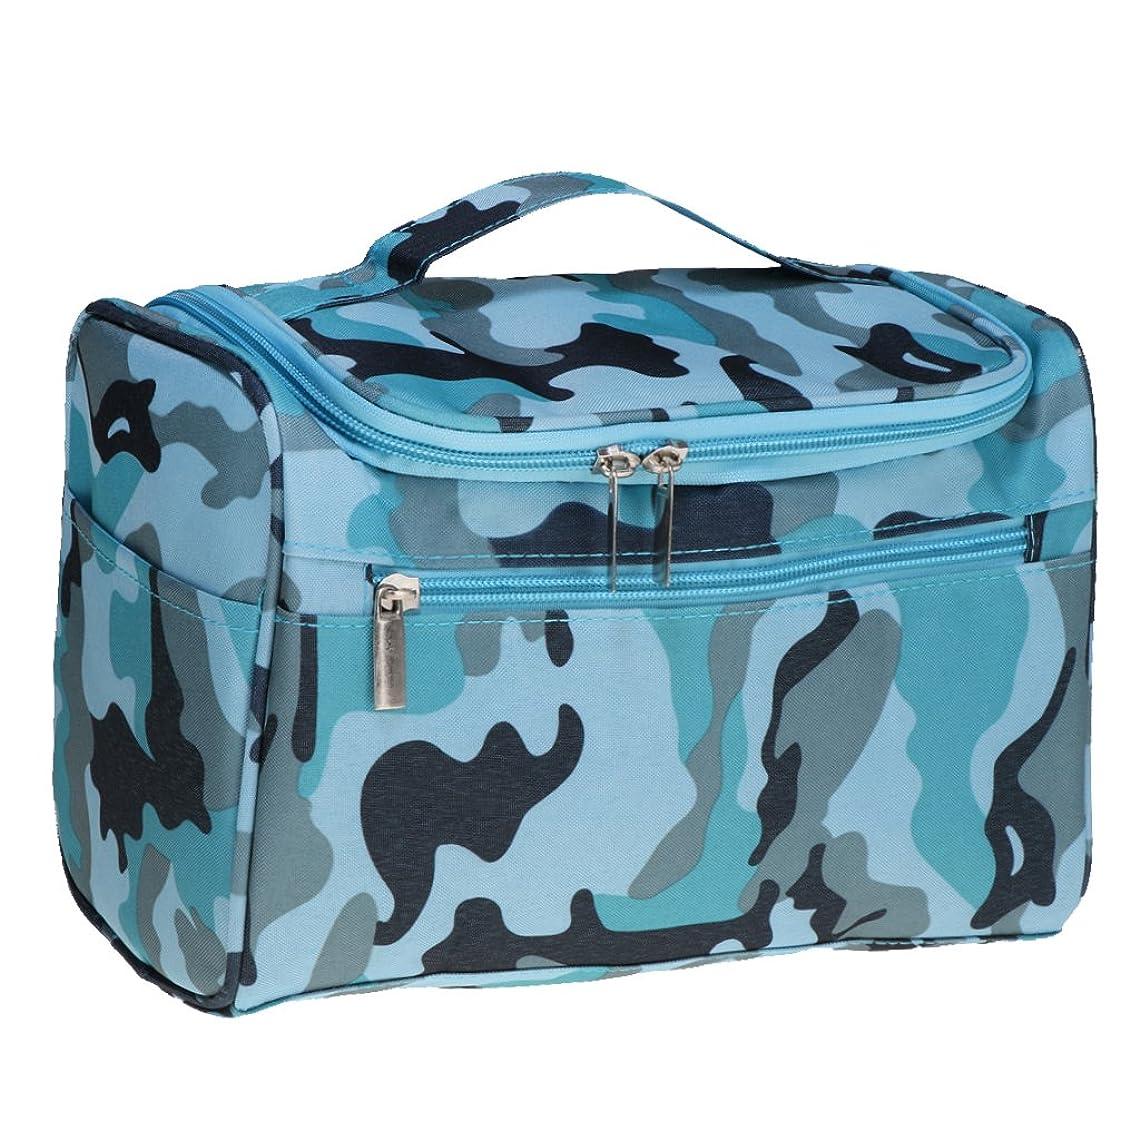 ファウル穿孔する立派なHomyl 大容量 洗濯バッグ 化粧品袋 メーキャップ 化粧品 収納袋 実用的 二重目的 トイレタリーバッグ 多種選べる - #9